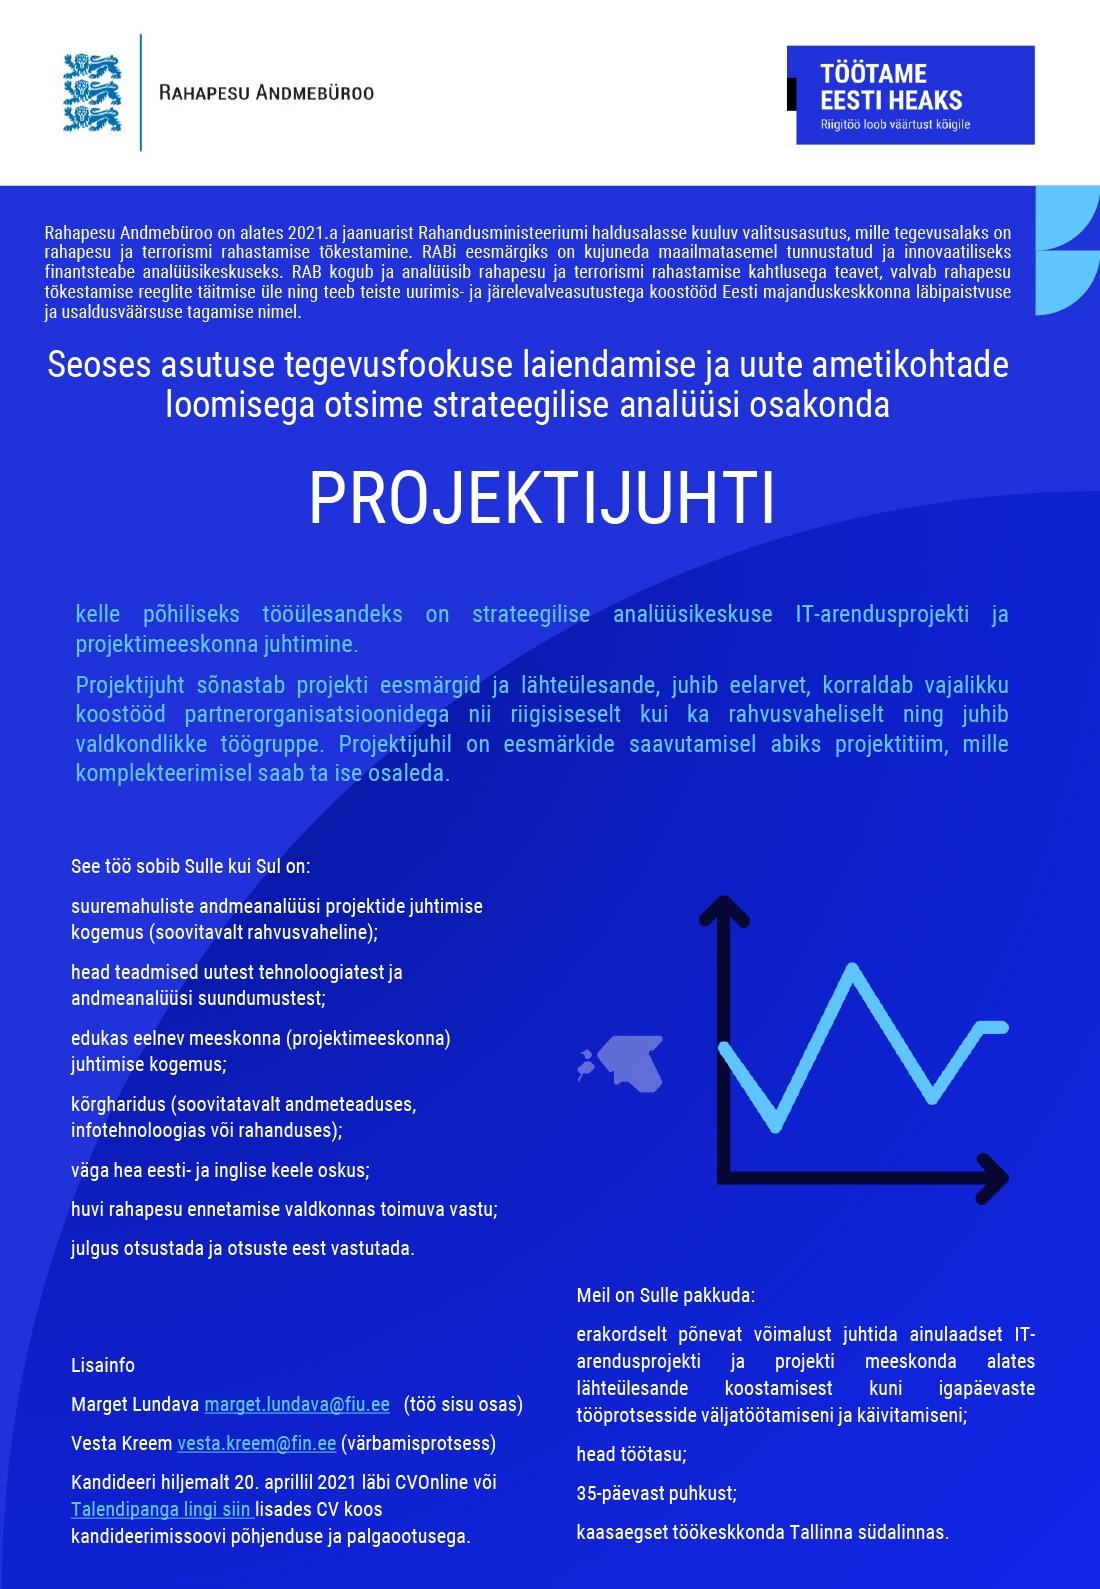 Strateegilise analüüsikeskuse projektijuht